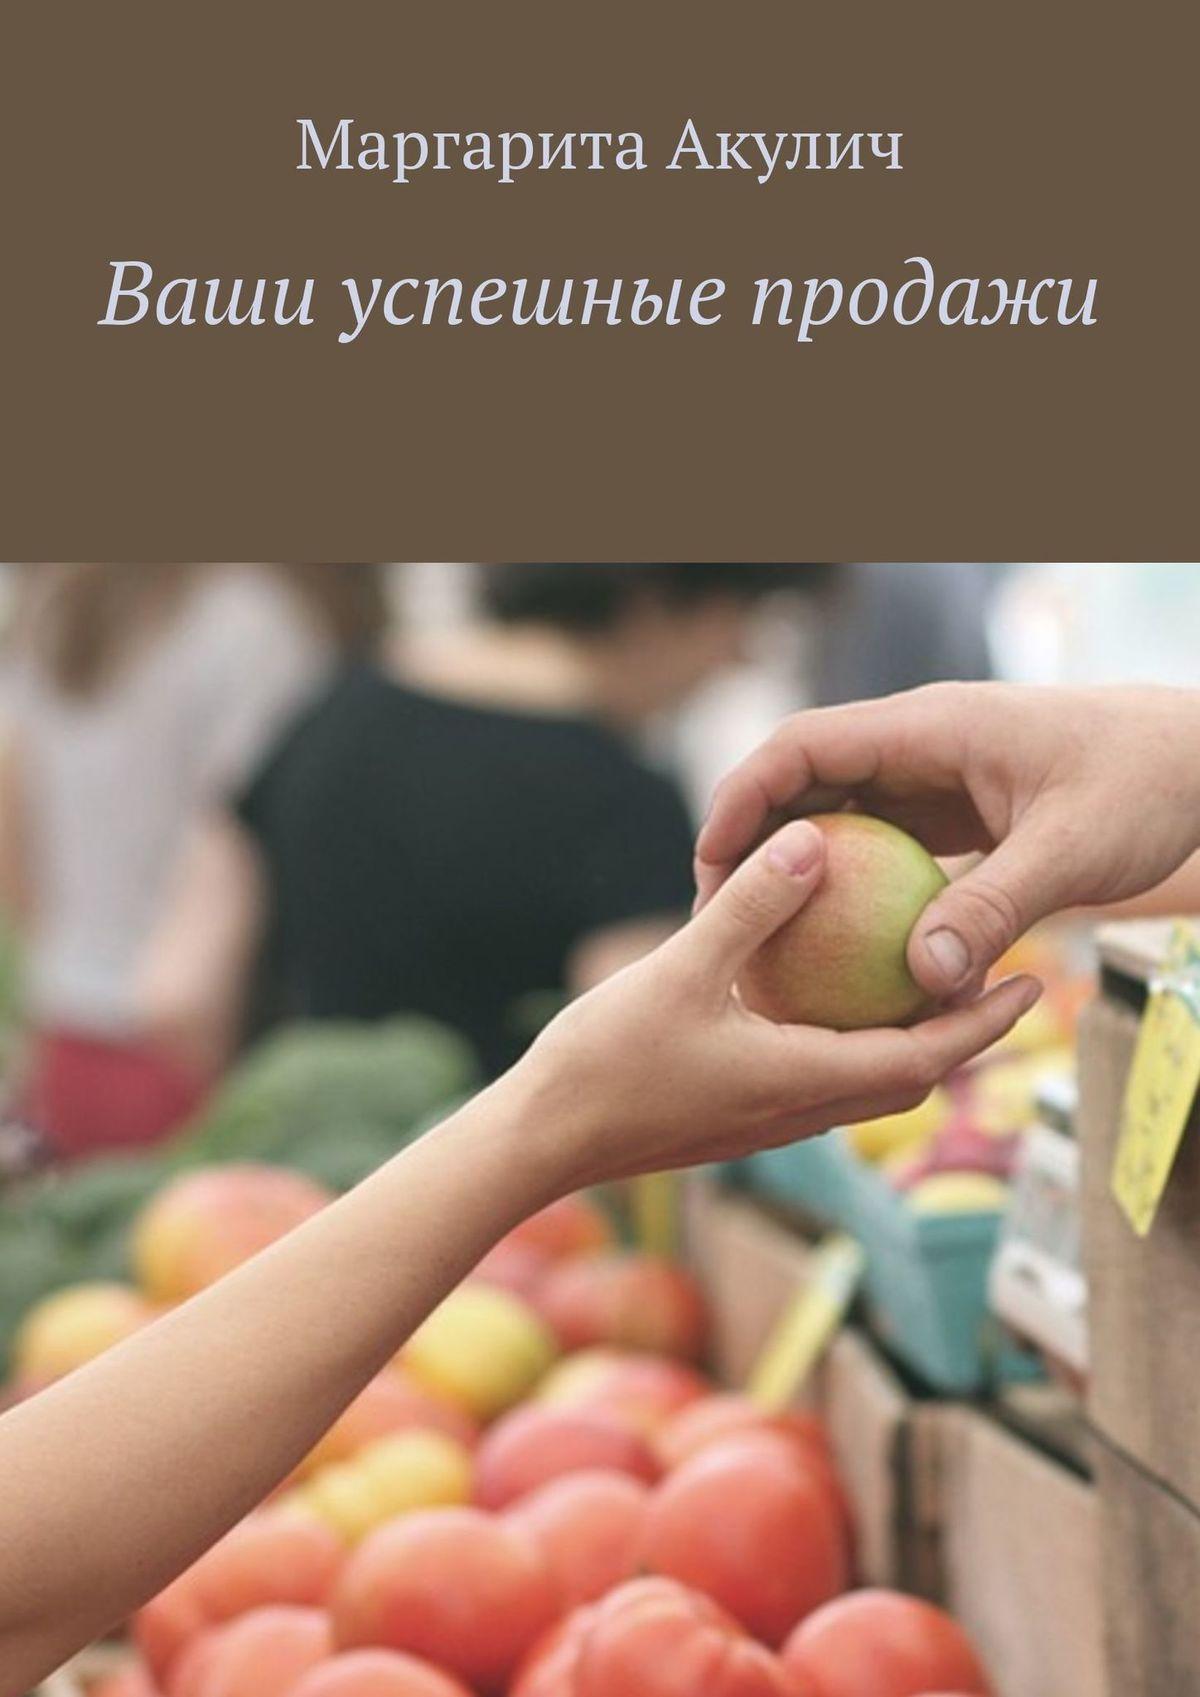 Маргарита Акулич В поисках успешных продаж маргарита васильевна акулич в поисках успешных продаж